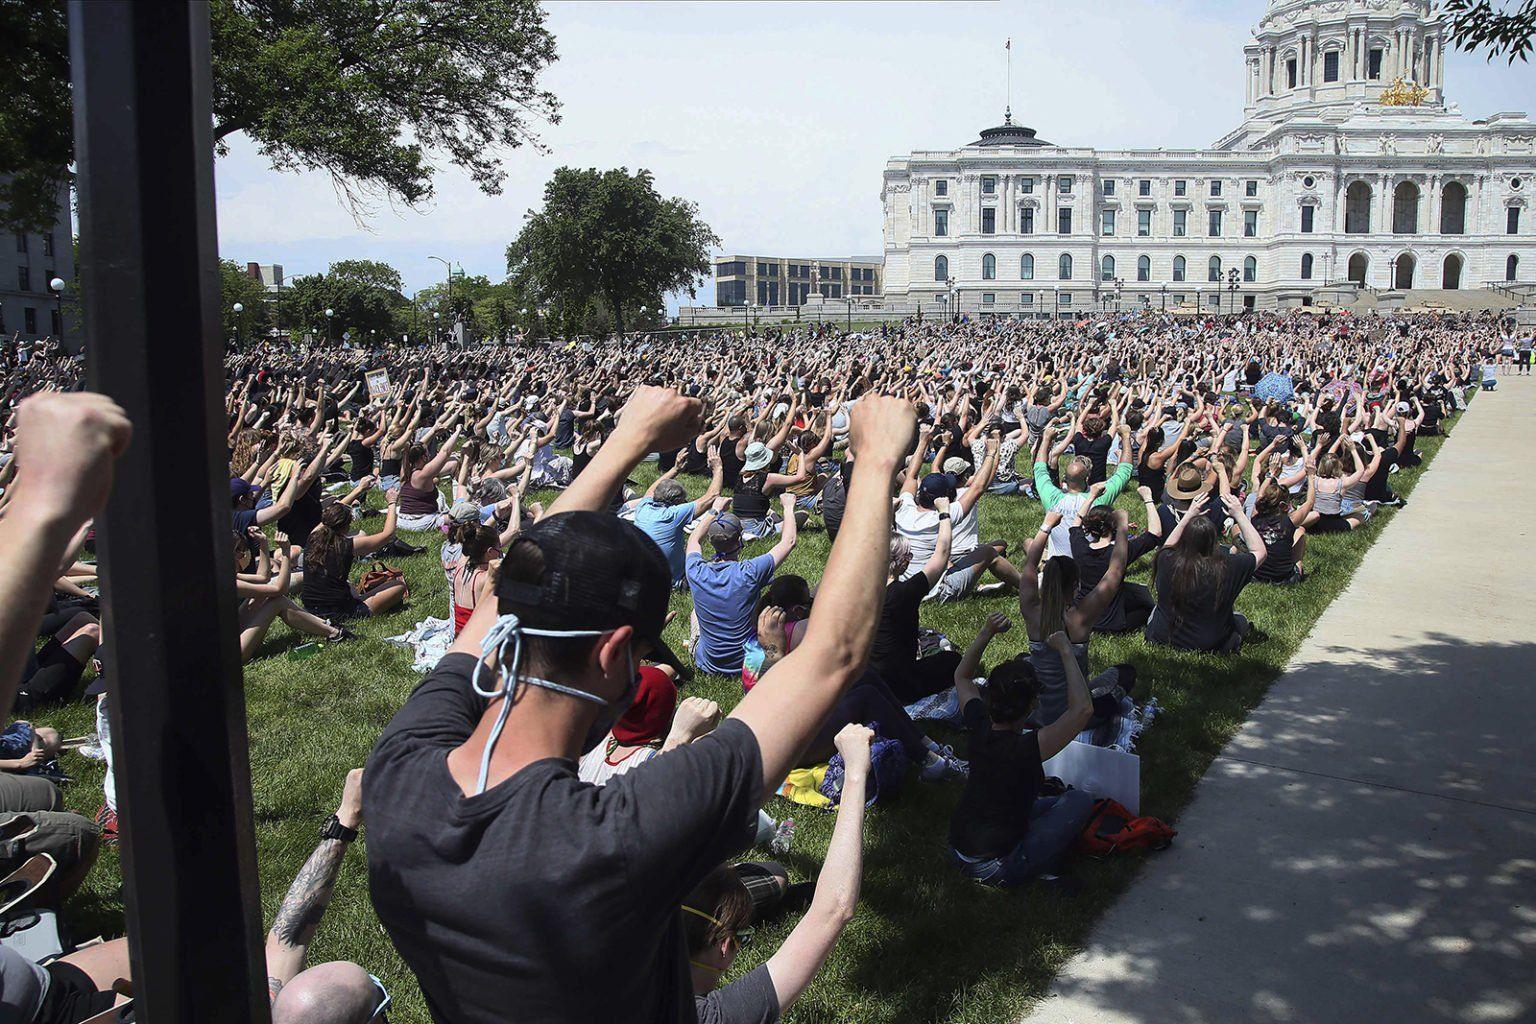 Photo Credit: AP Photo, John Minchillo via RNS